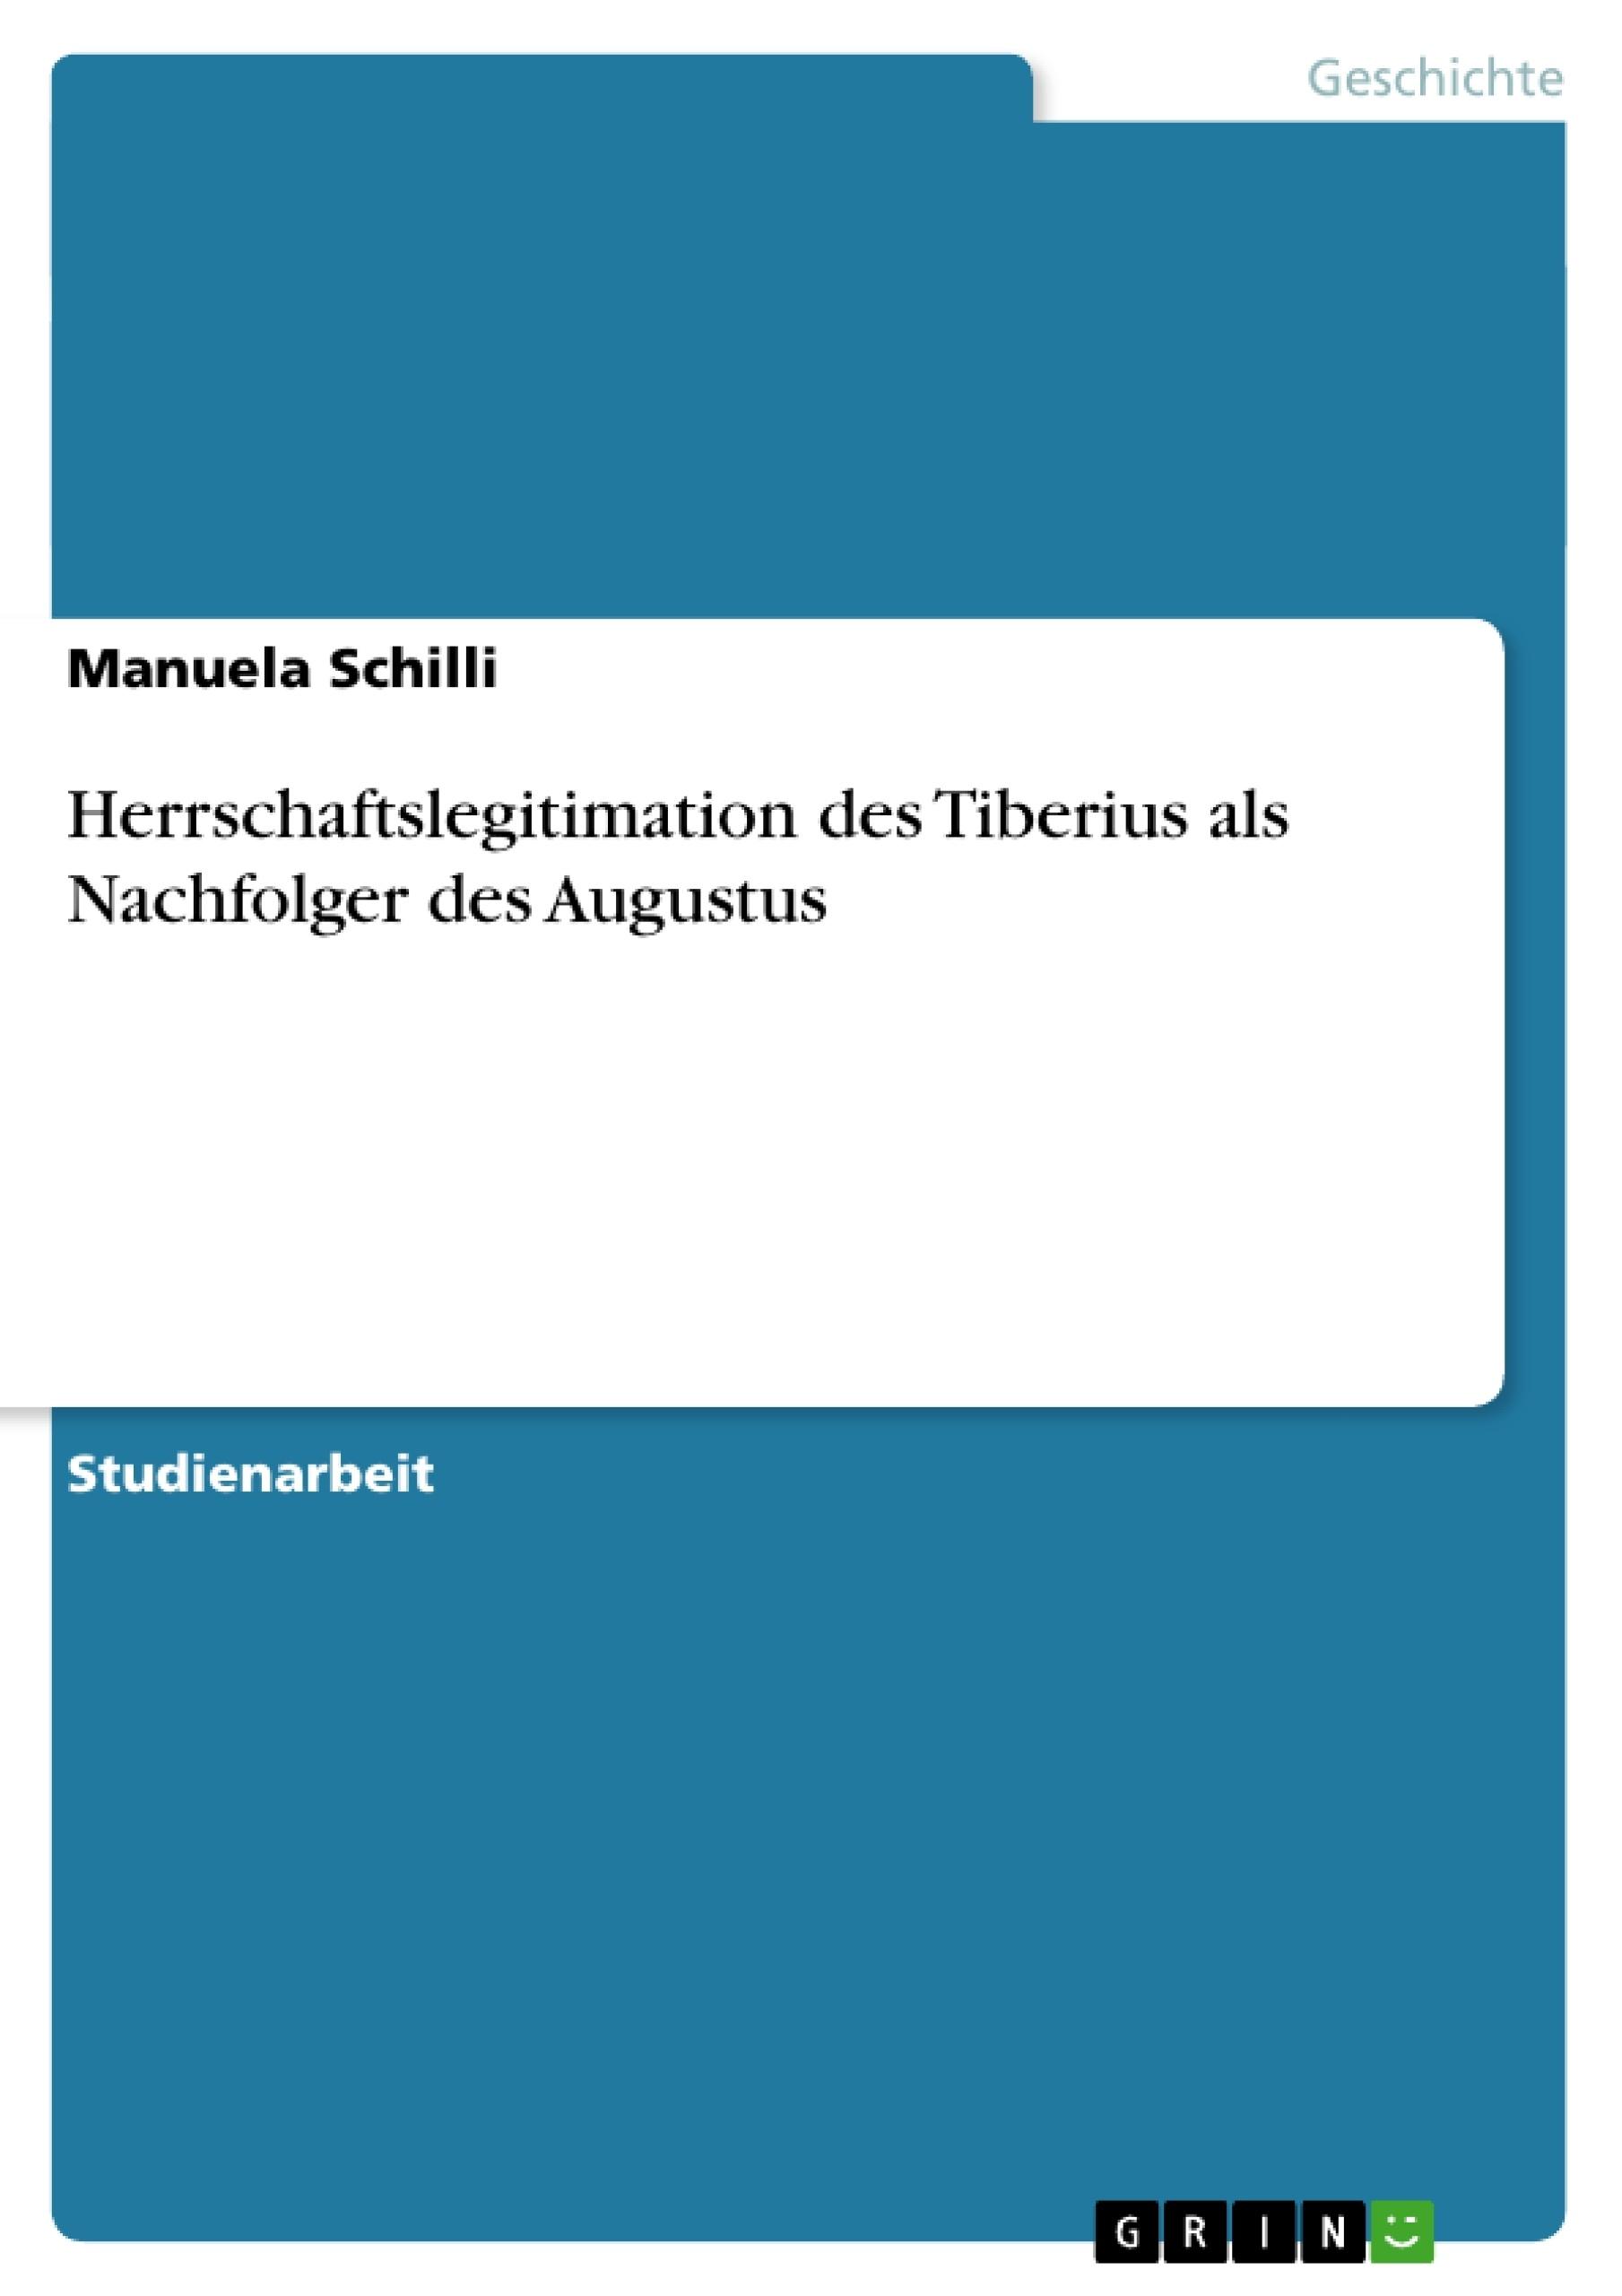 Titel: Herrschaftslegitimation des Tiberius als Nachfolger des Augustus